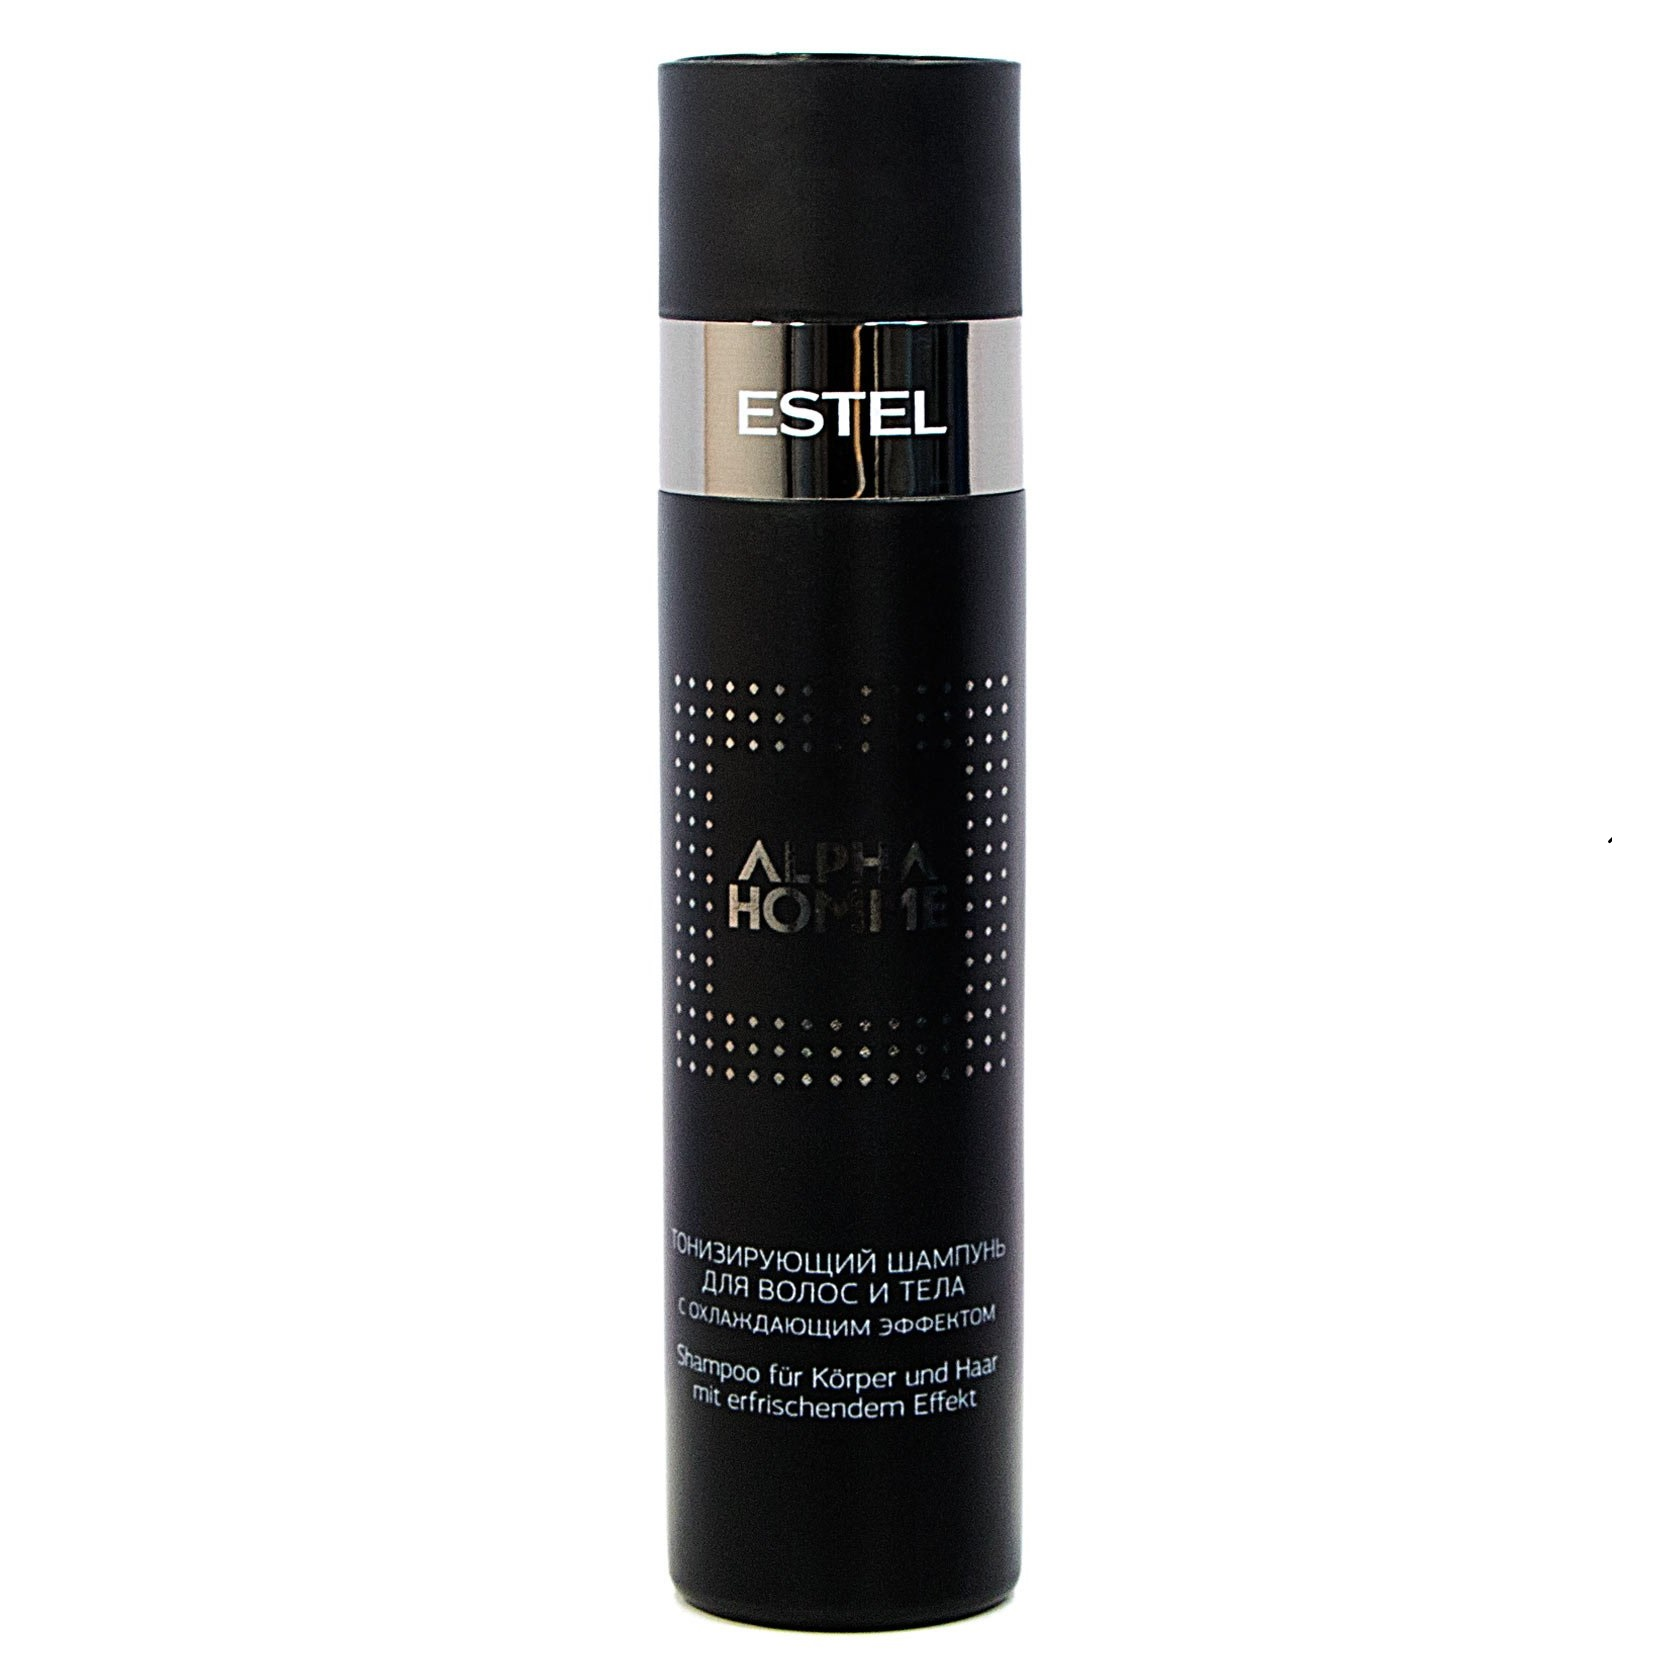 Купить Шампуни Estel, Шампунь Estel Alpha Homme тонизирующий для волос и тела 250 мл